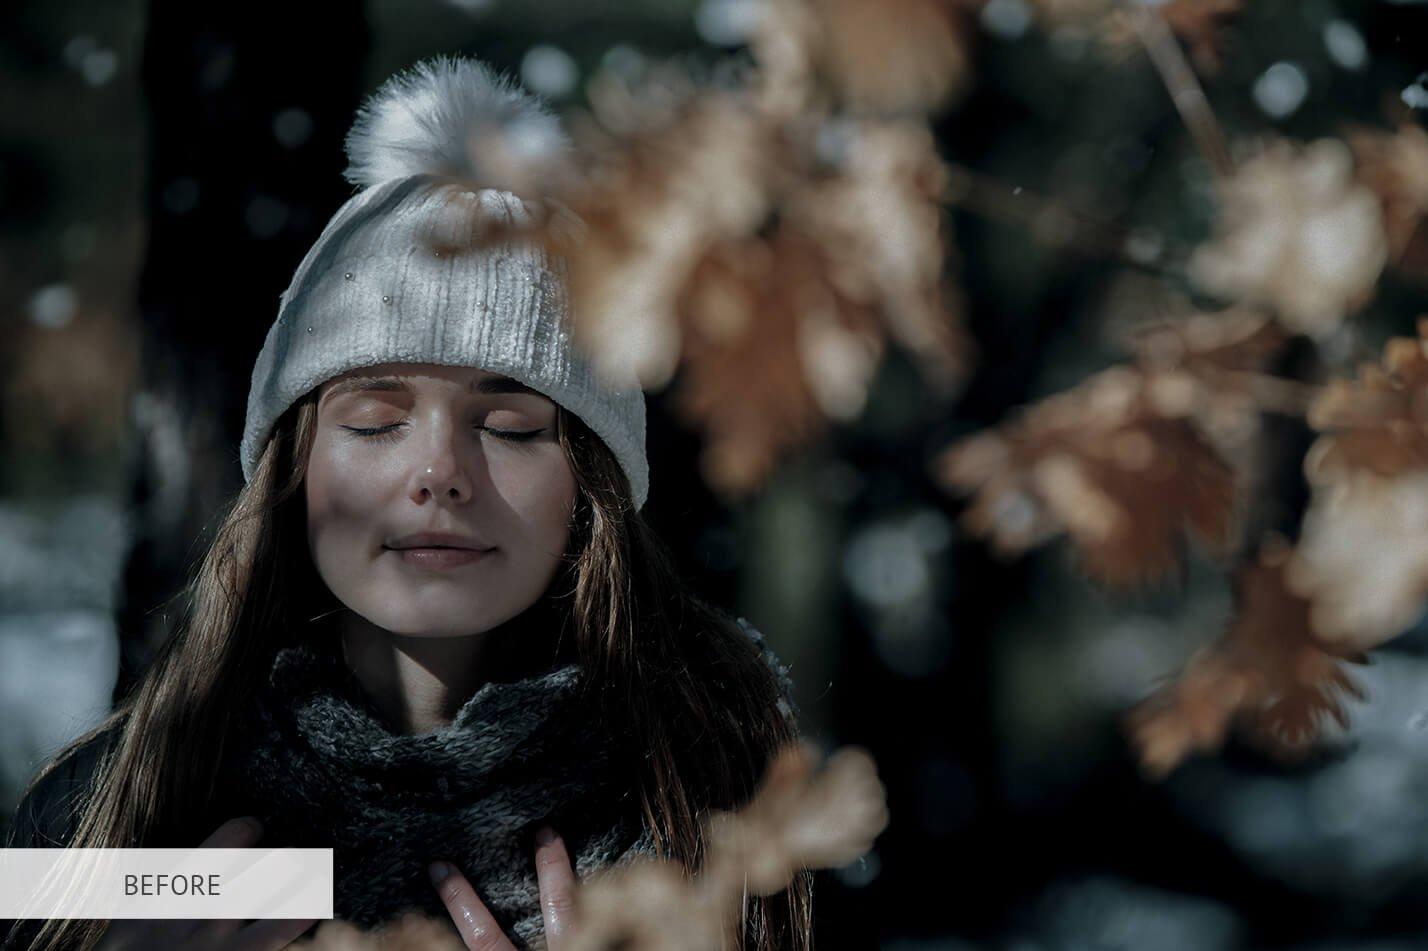 30款高清冬季冰雪PS叠加层背景图片素材 Ice Photoshop Overlays插图(17)